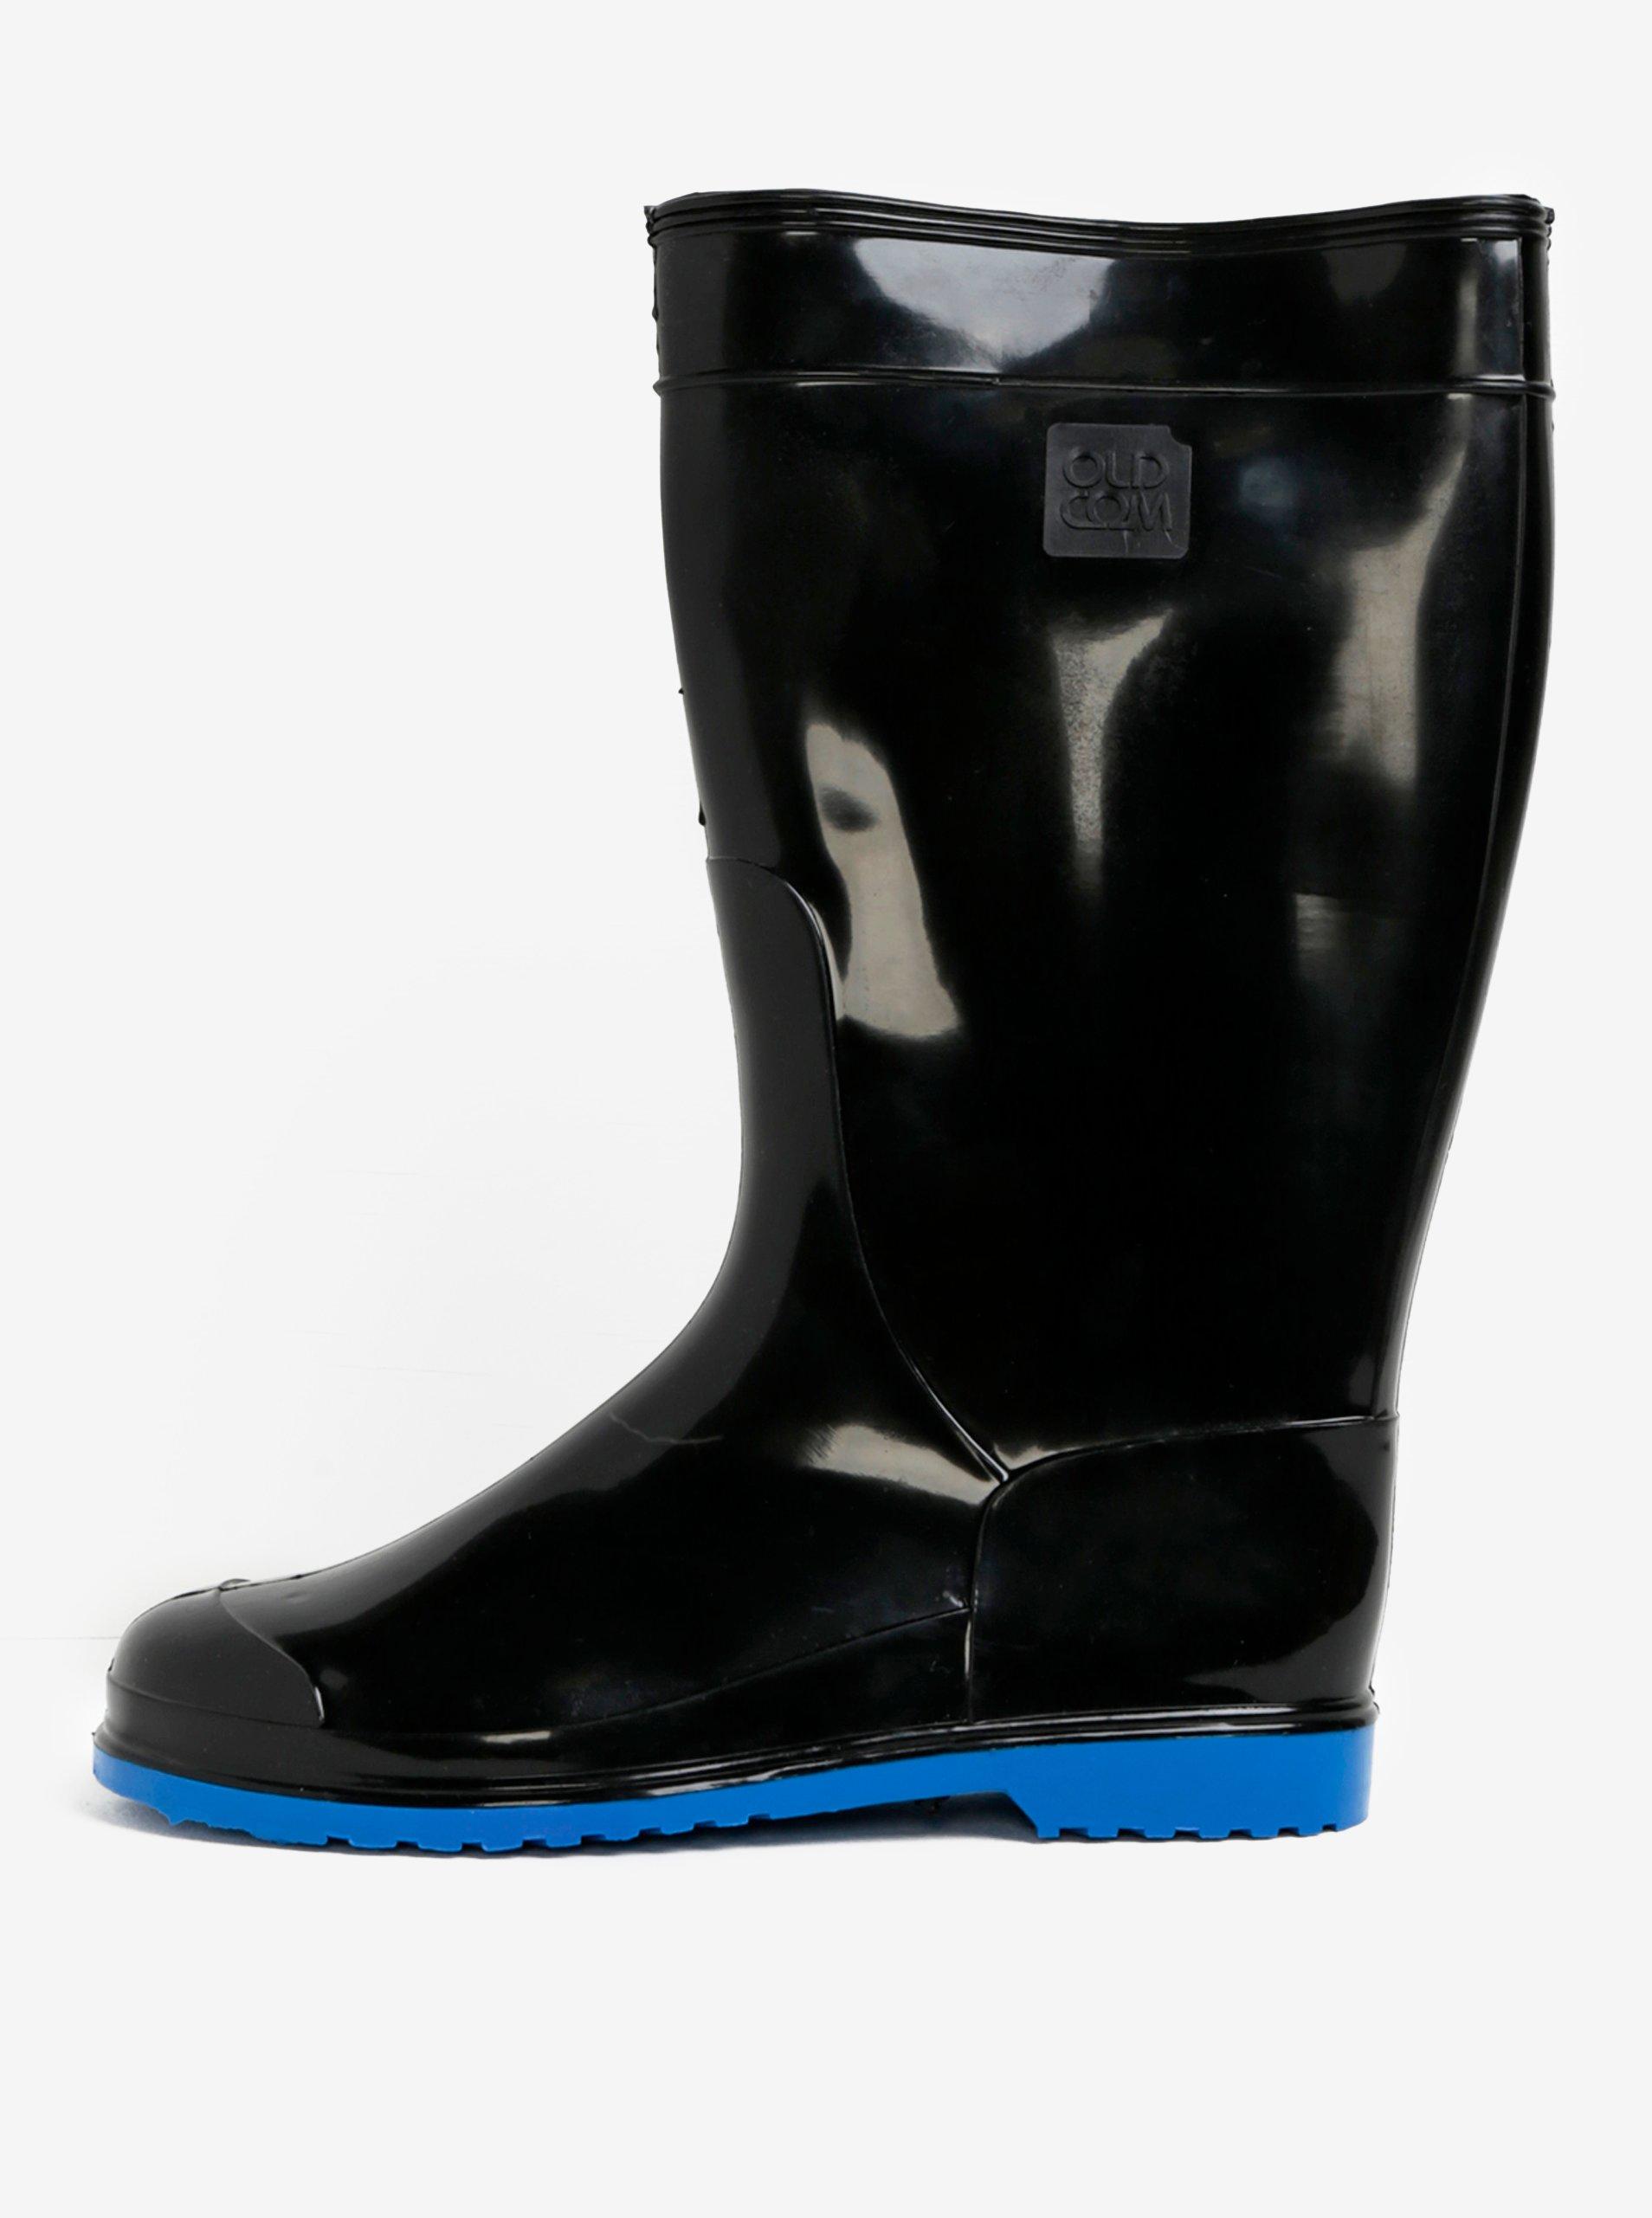 361e10365f4b7 Čierne dámske gumáky s podrážkou v modrej farbe Oldcom Accent